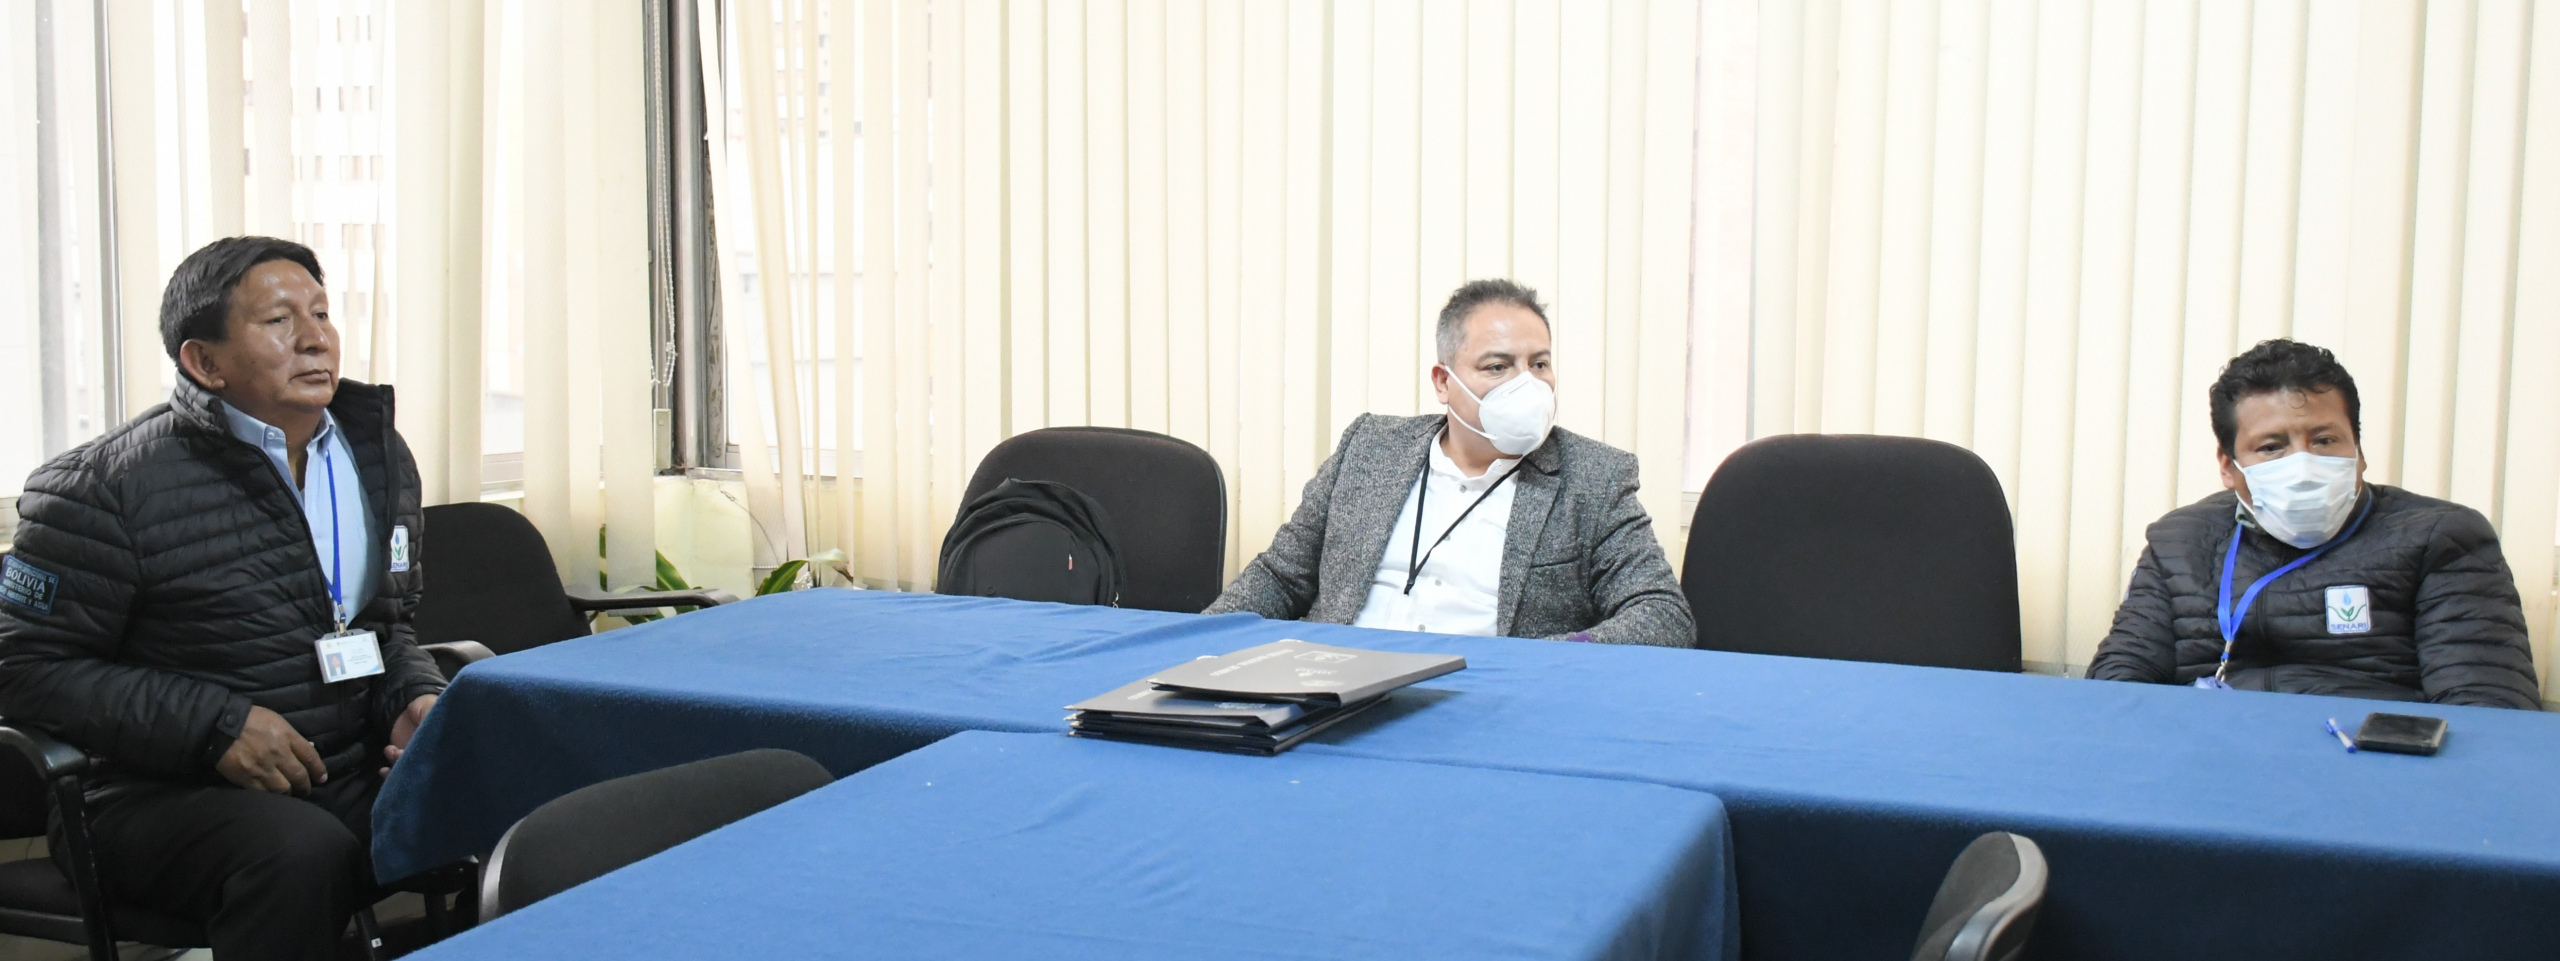 El SENARI y FUNDAA.SUR firmaron un convenio para el fortalecimiento del sector regante.